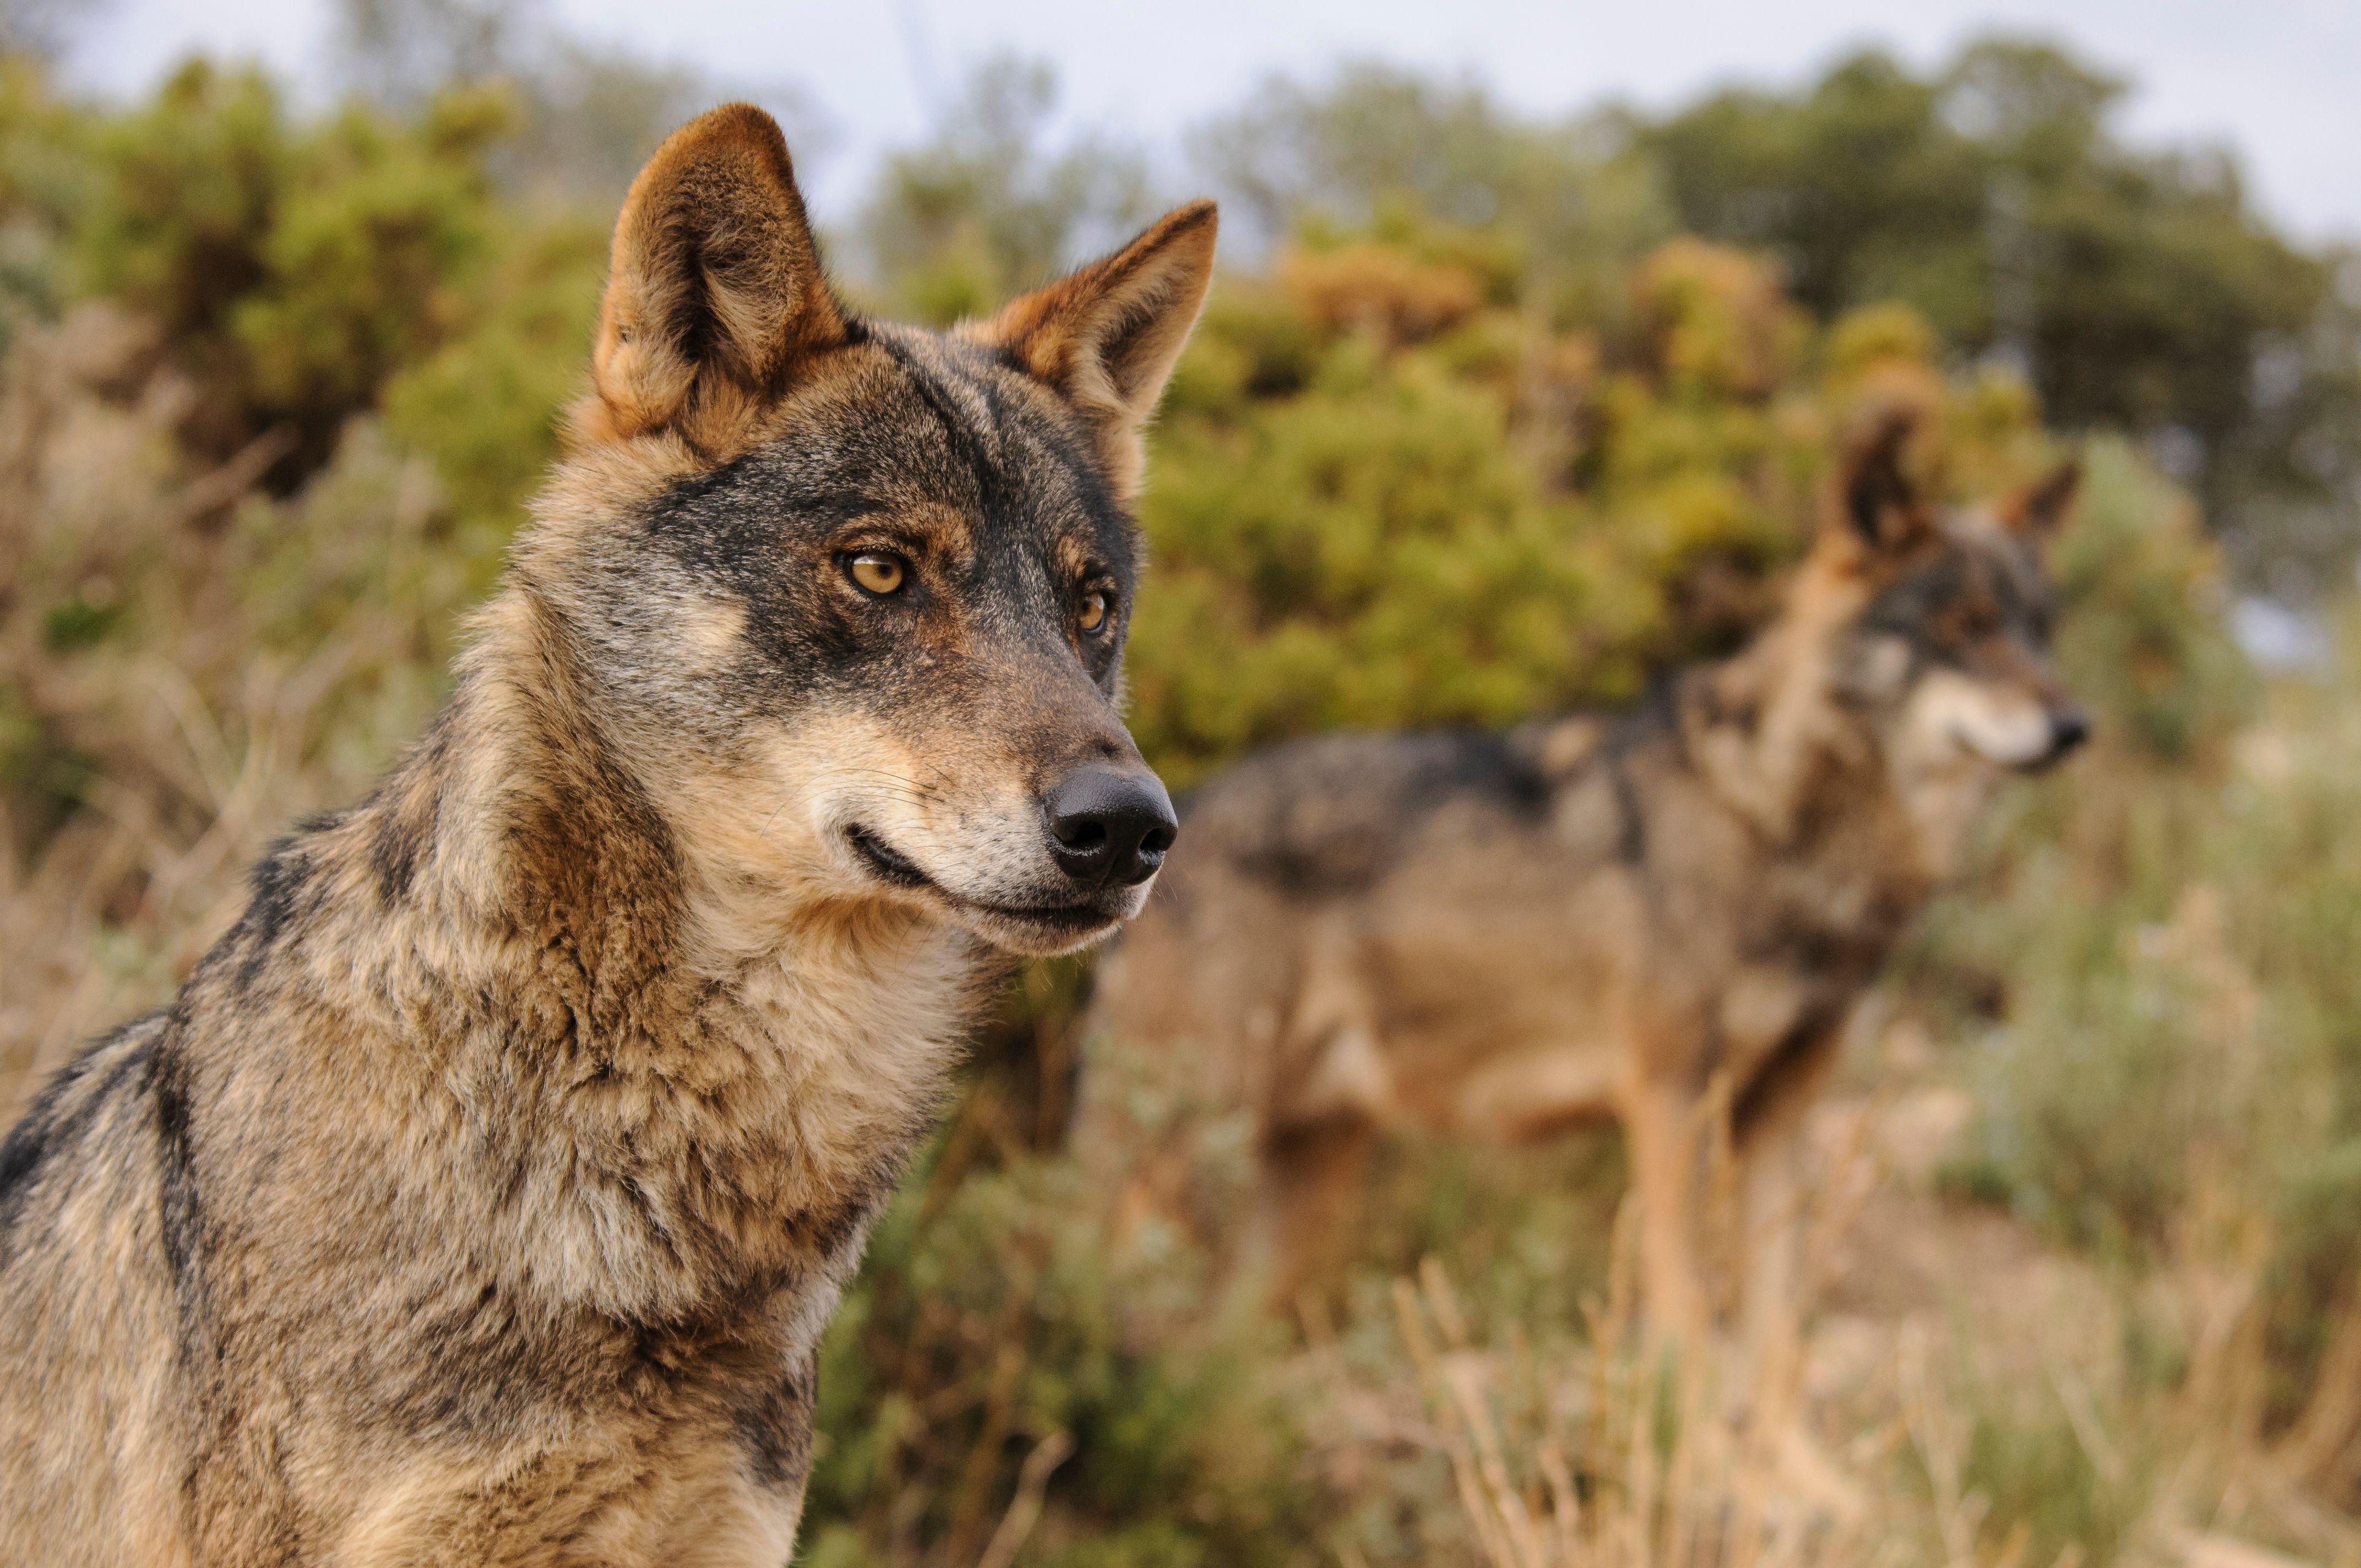 Lobos acechando. Imagen: Ana Retamero / WWF